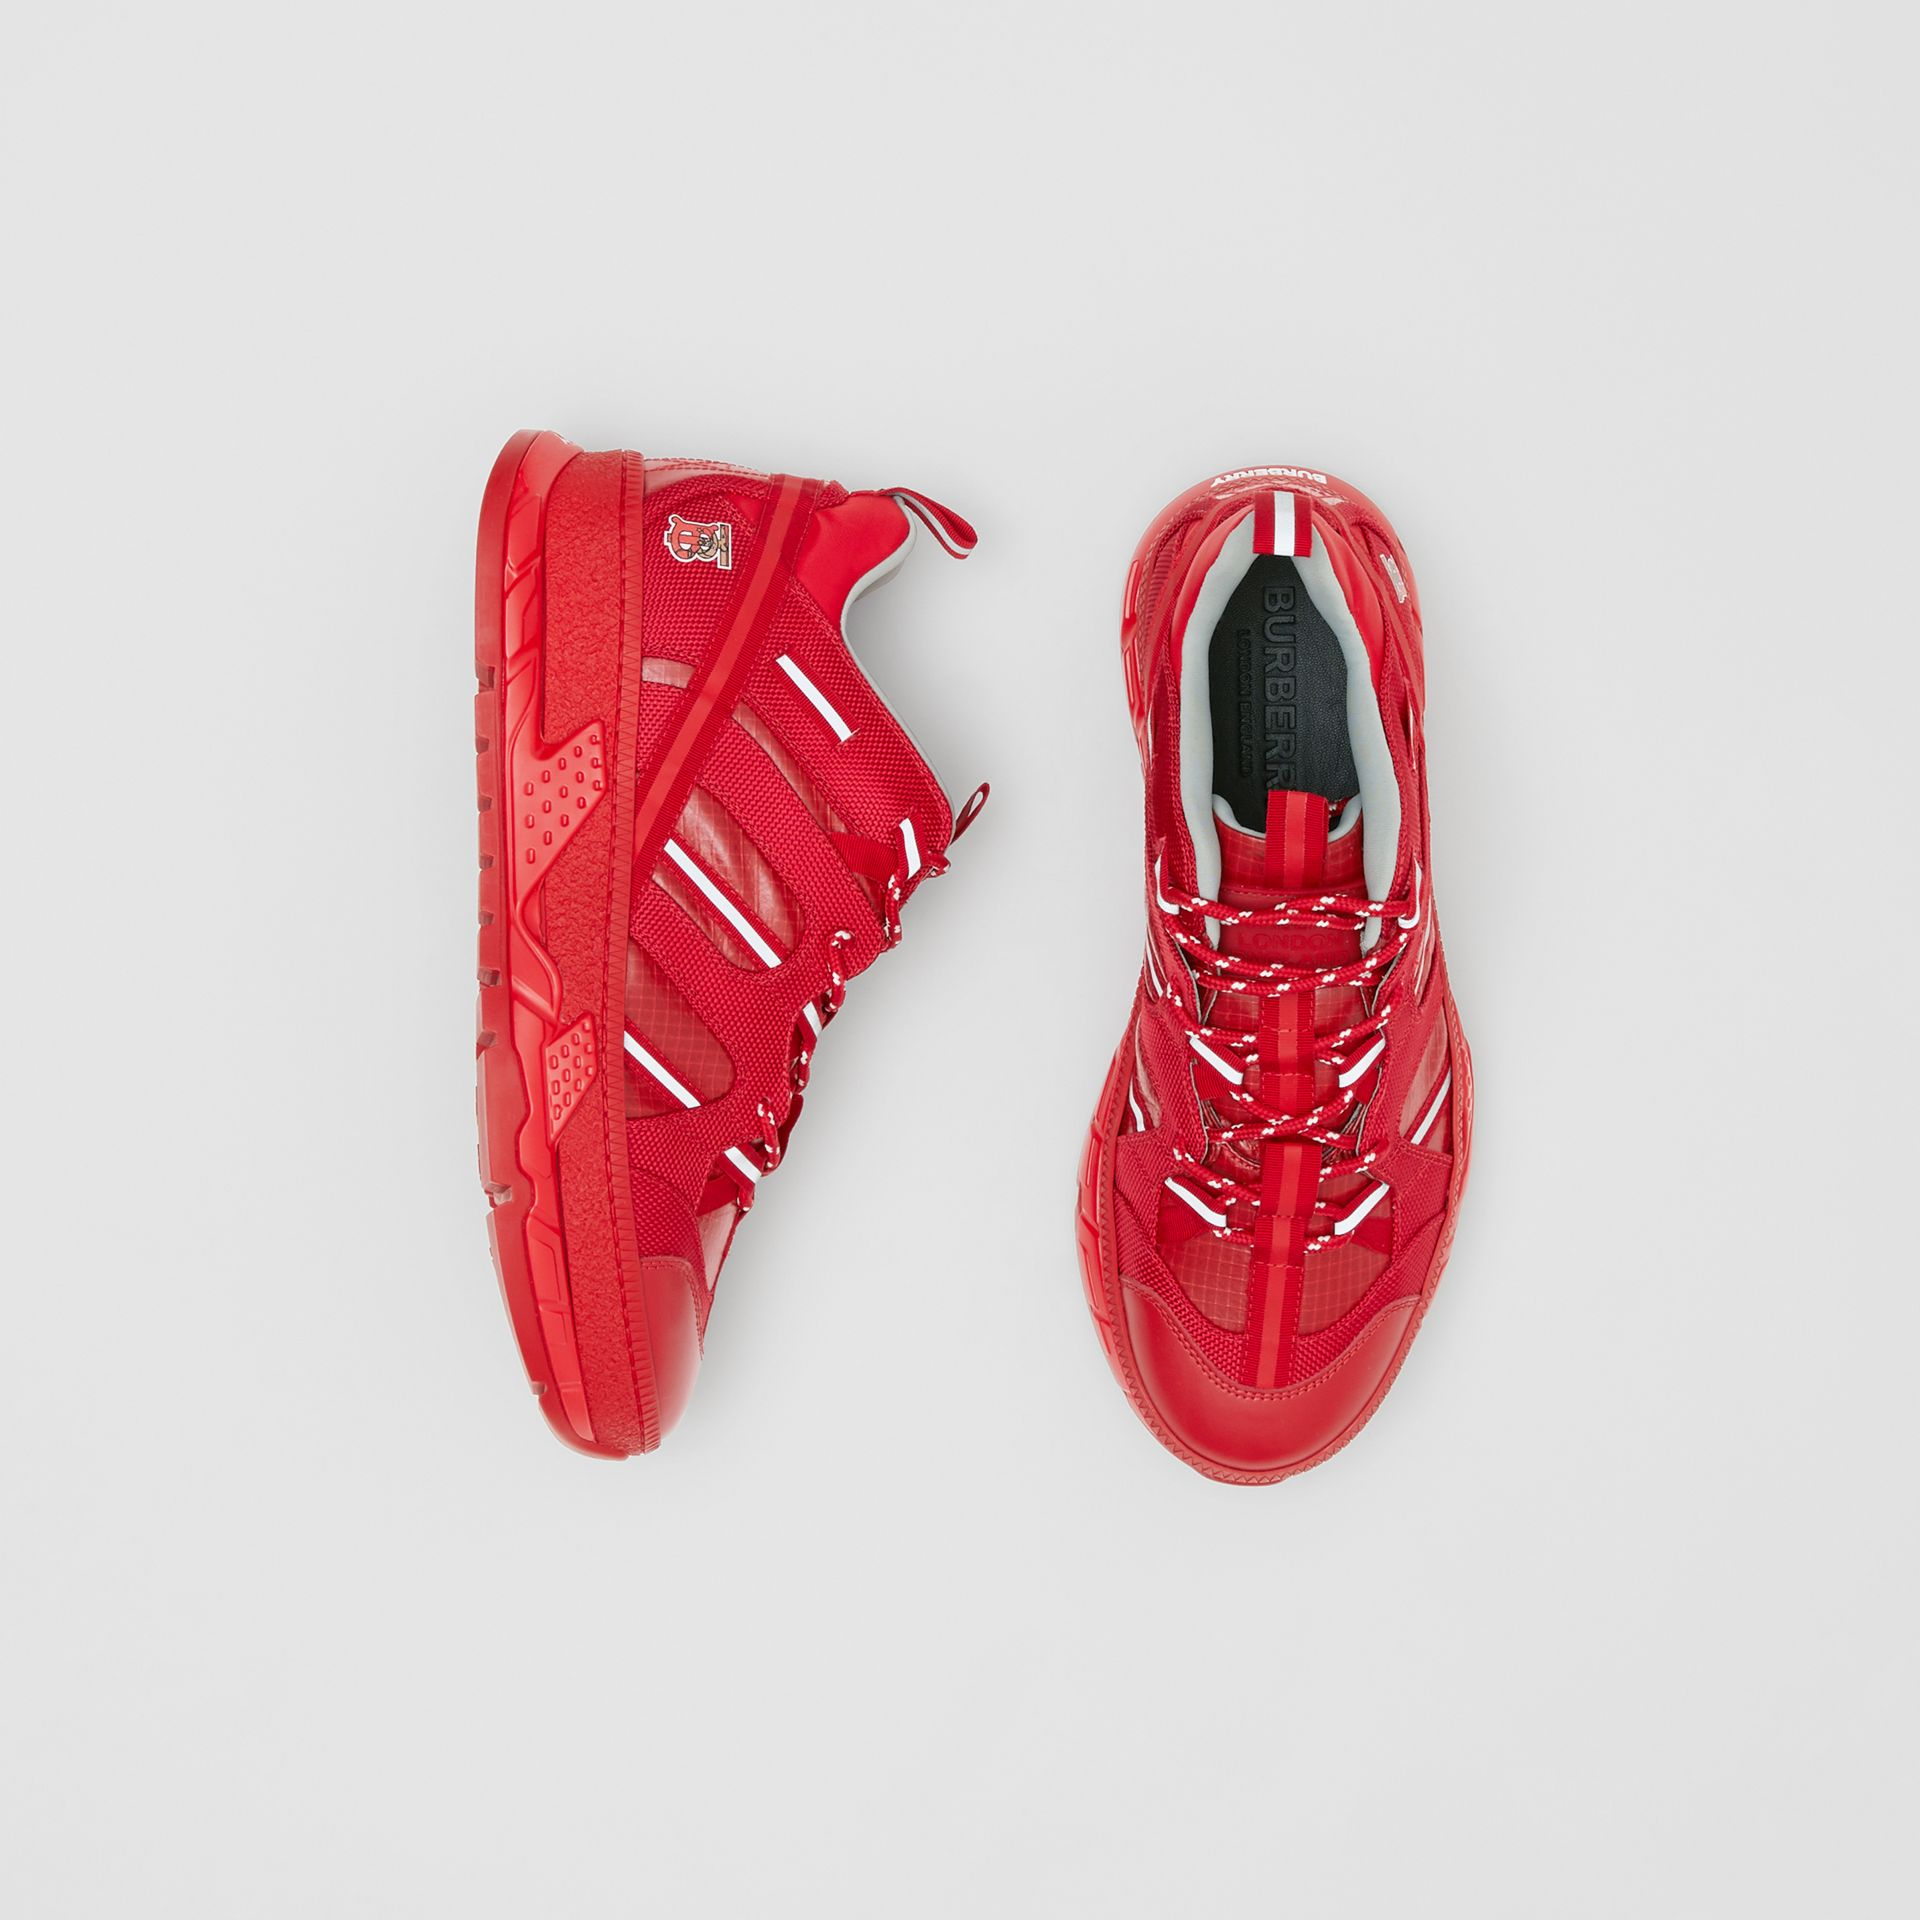 尼龍和皮革 Union 運動鞋 (亮紅色) - 女款   Burberry - 圖庫照片 0